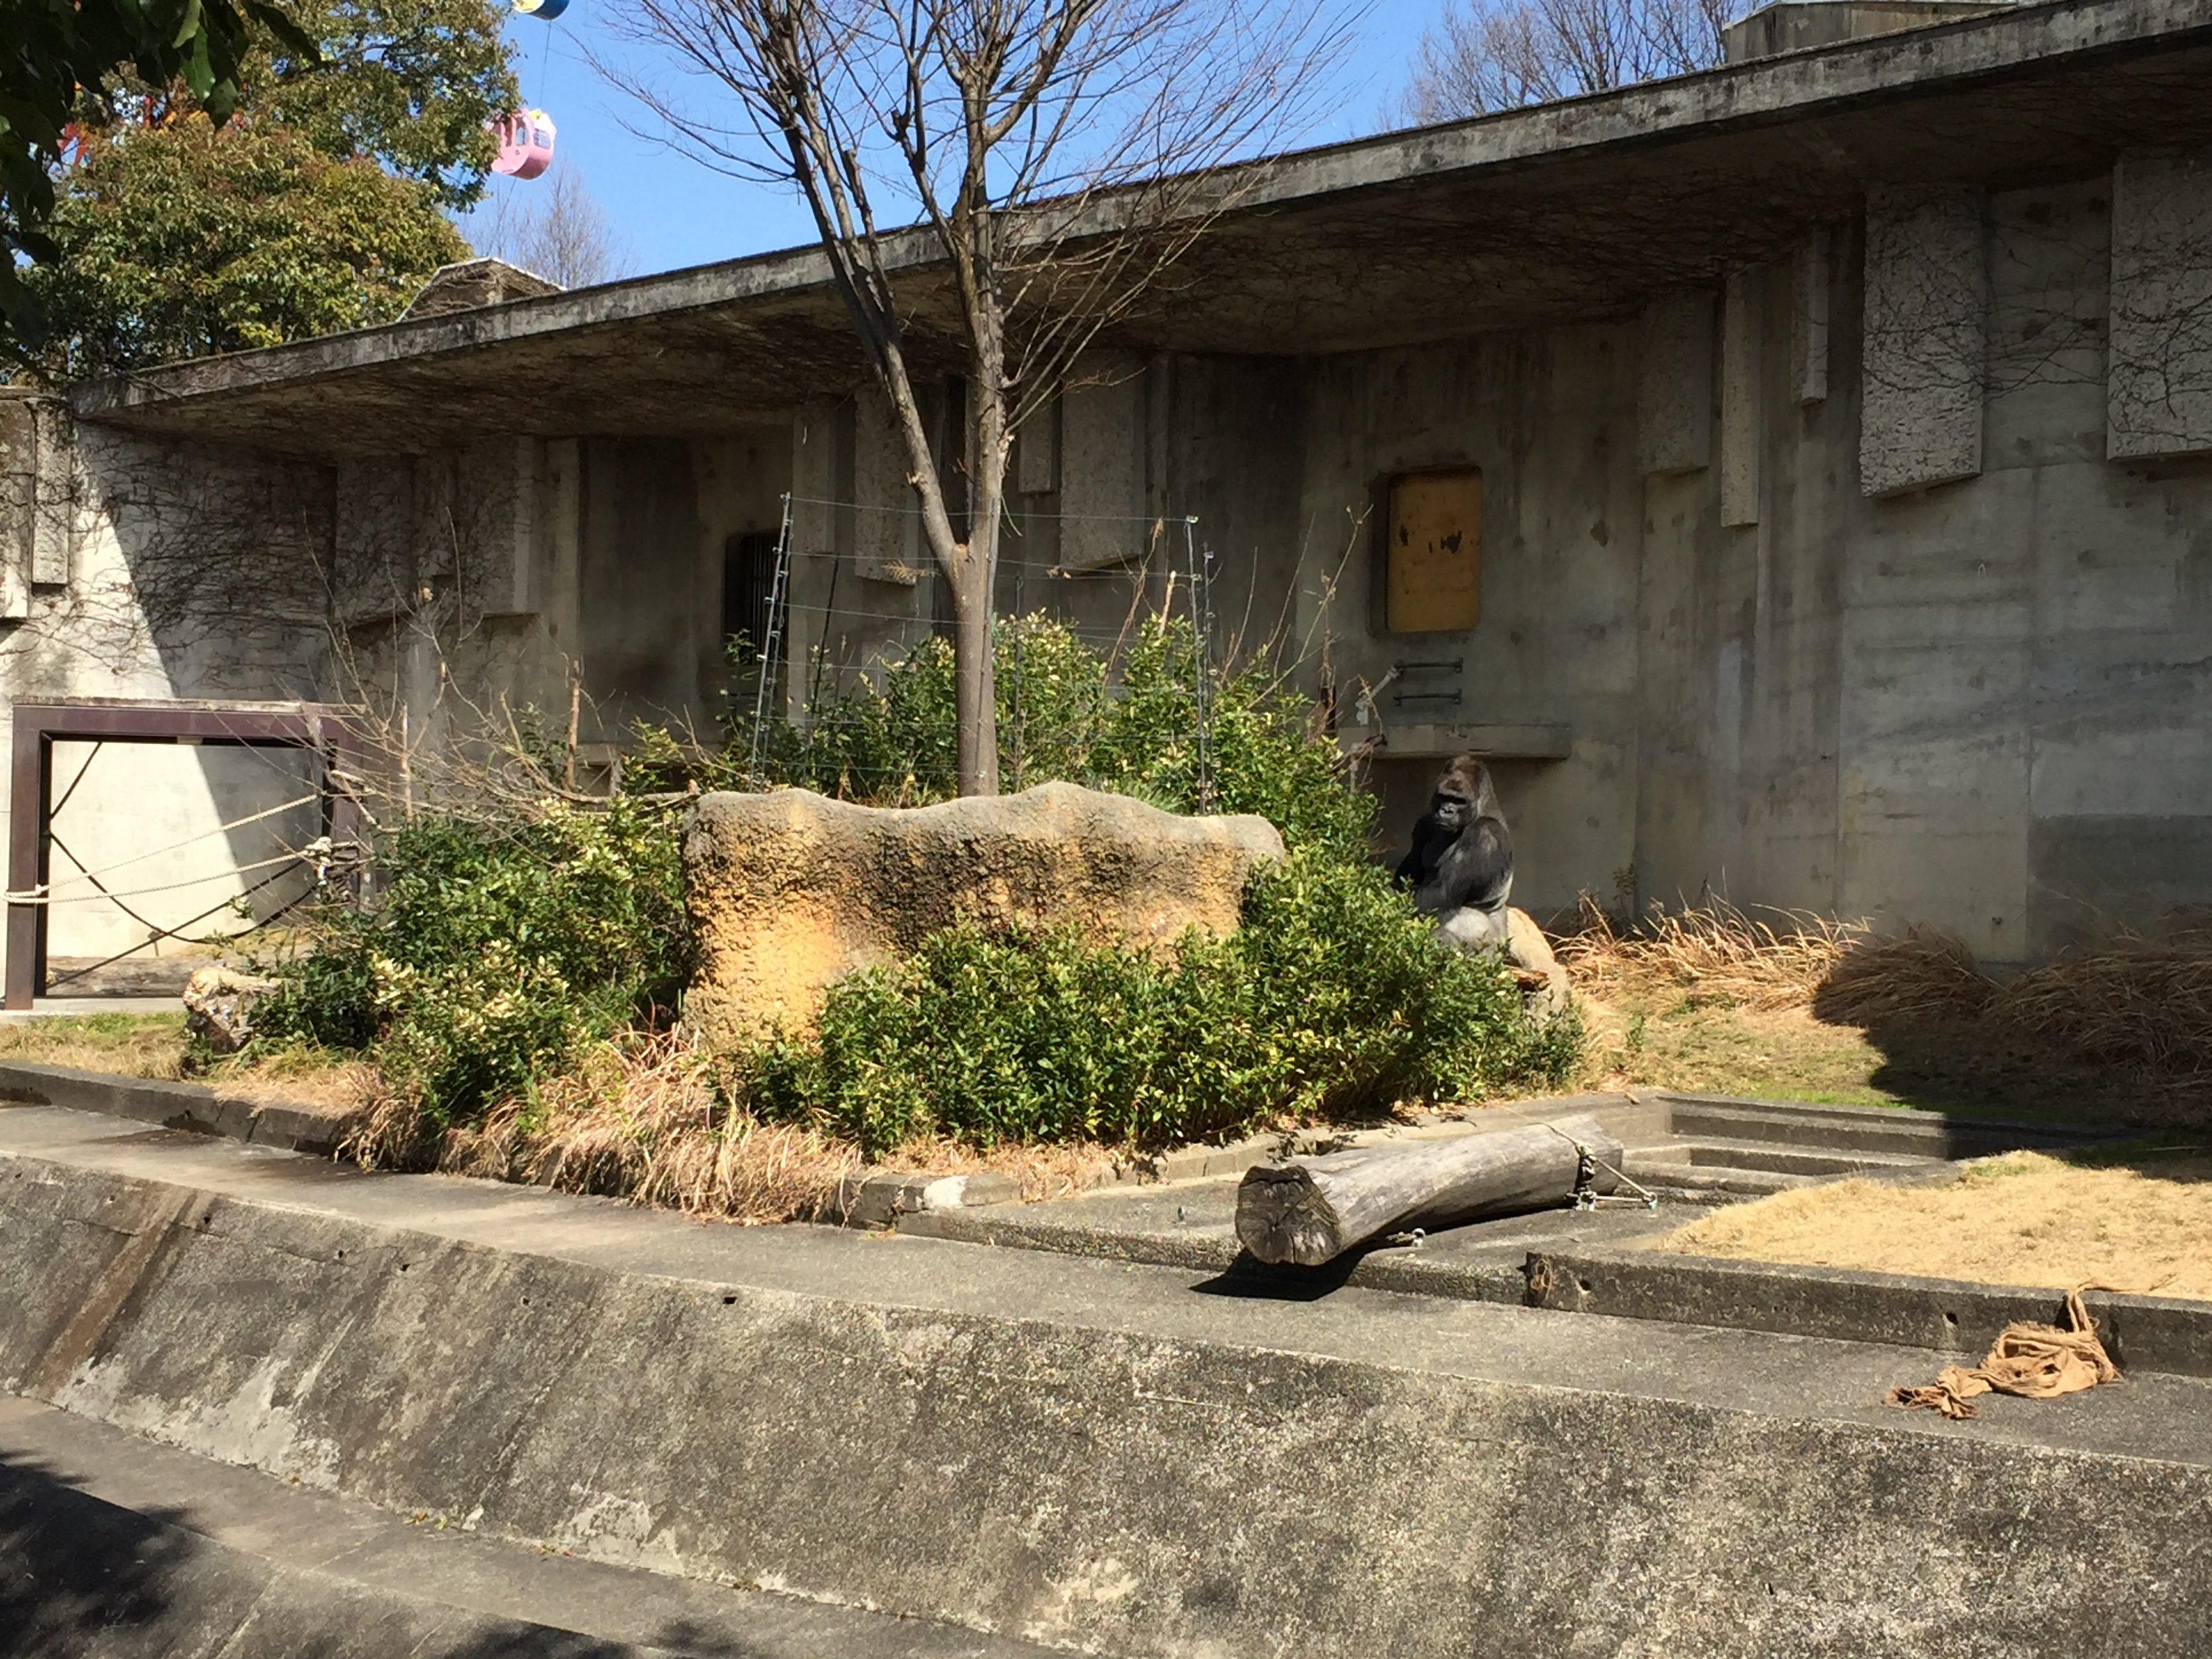 higashiyama-zoo-shabani